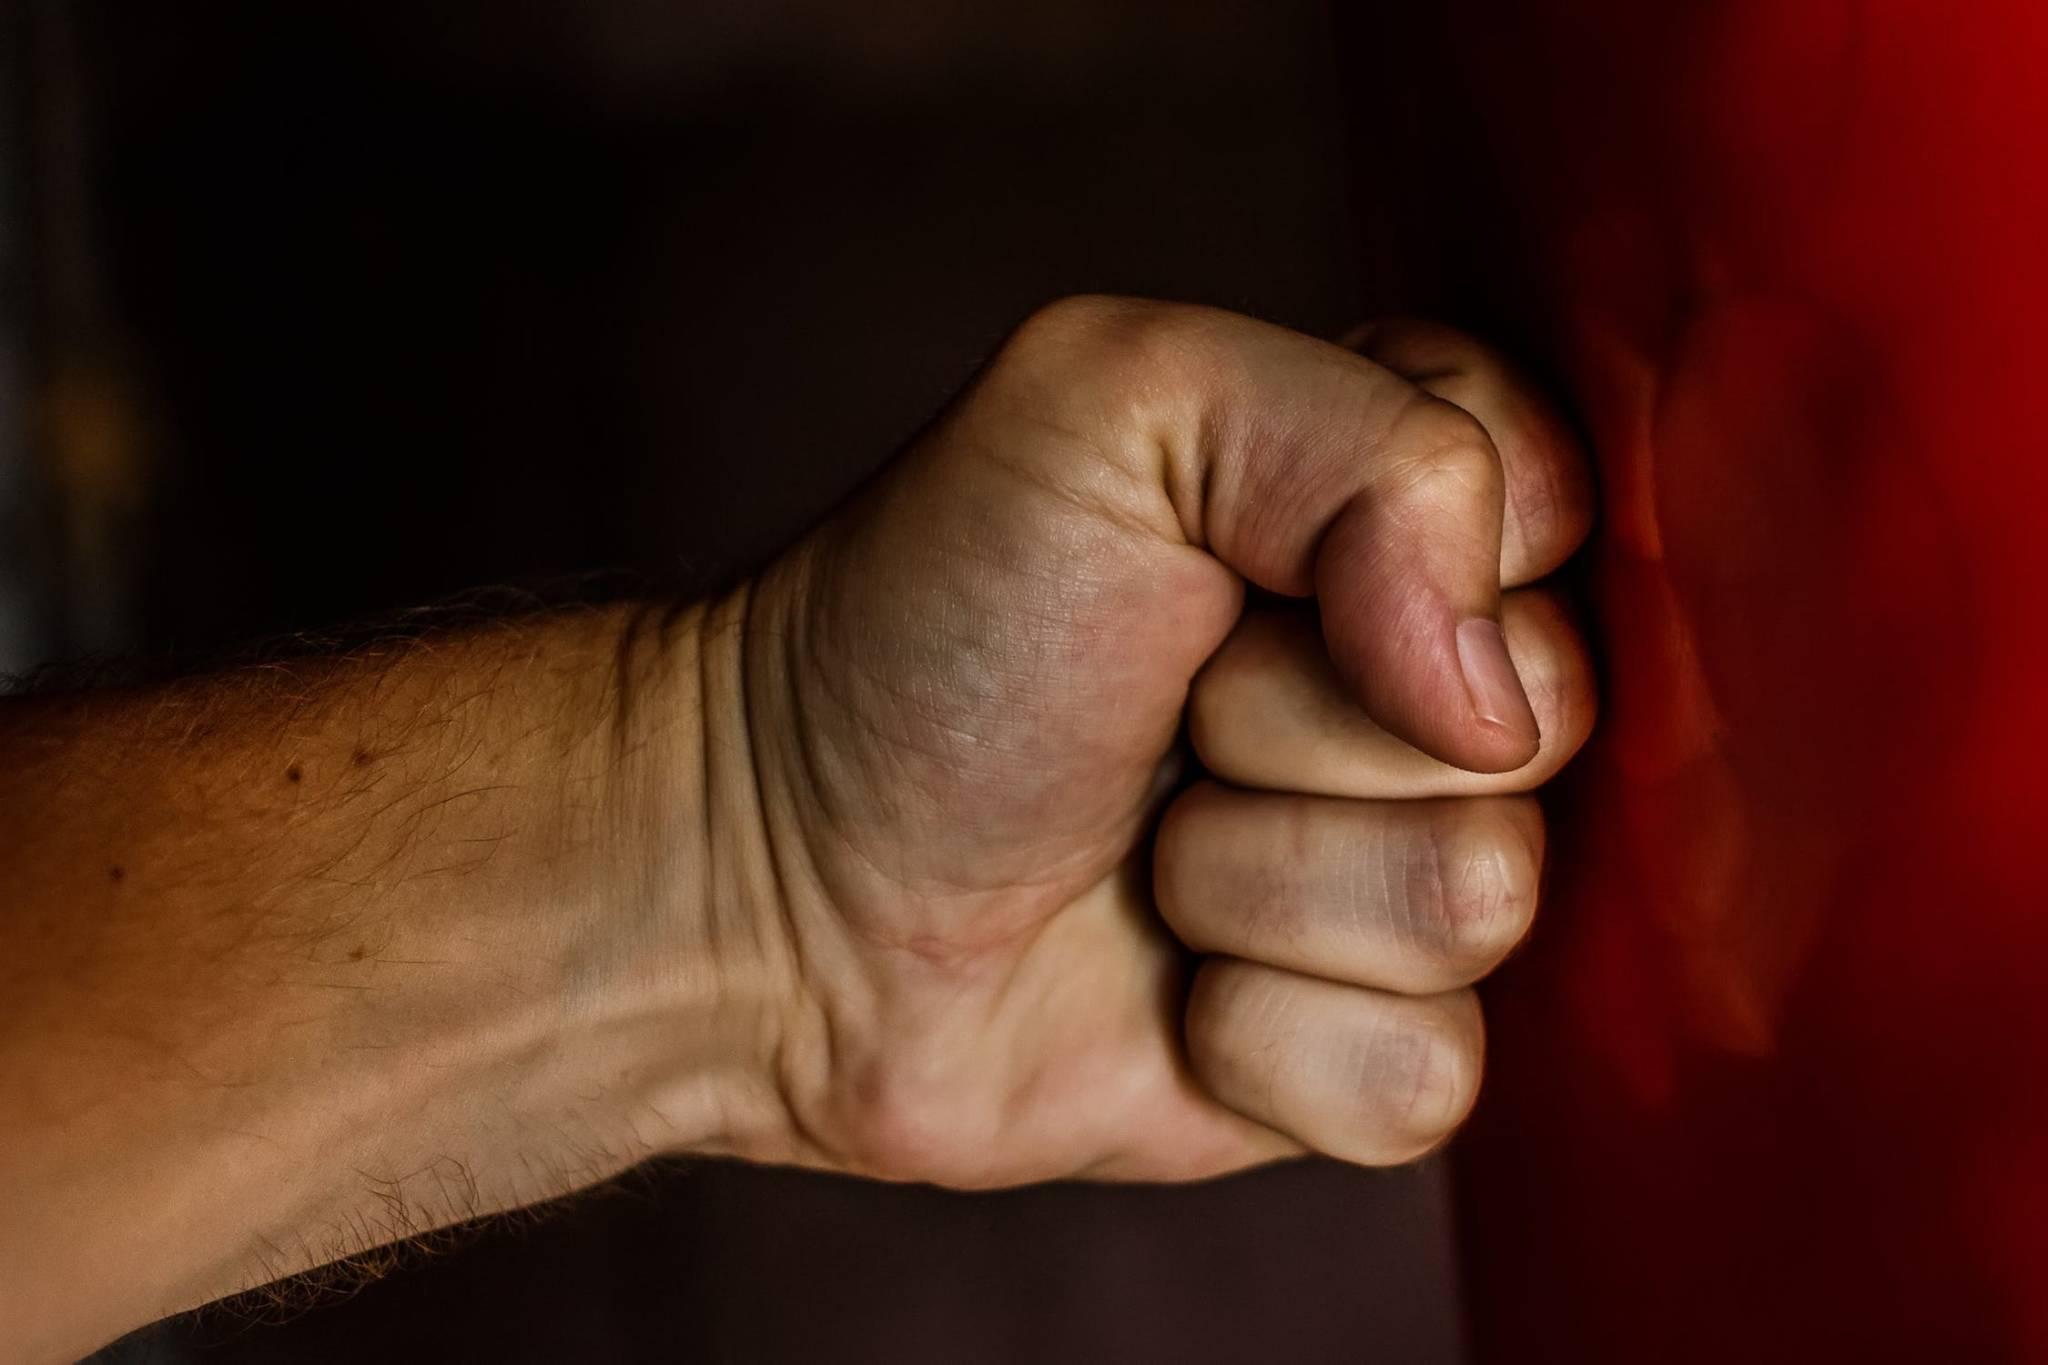 Violenza e distruttività - come riconoscere e gestire le emozioni disfunzionali